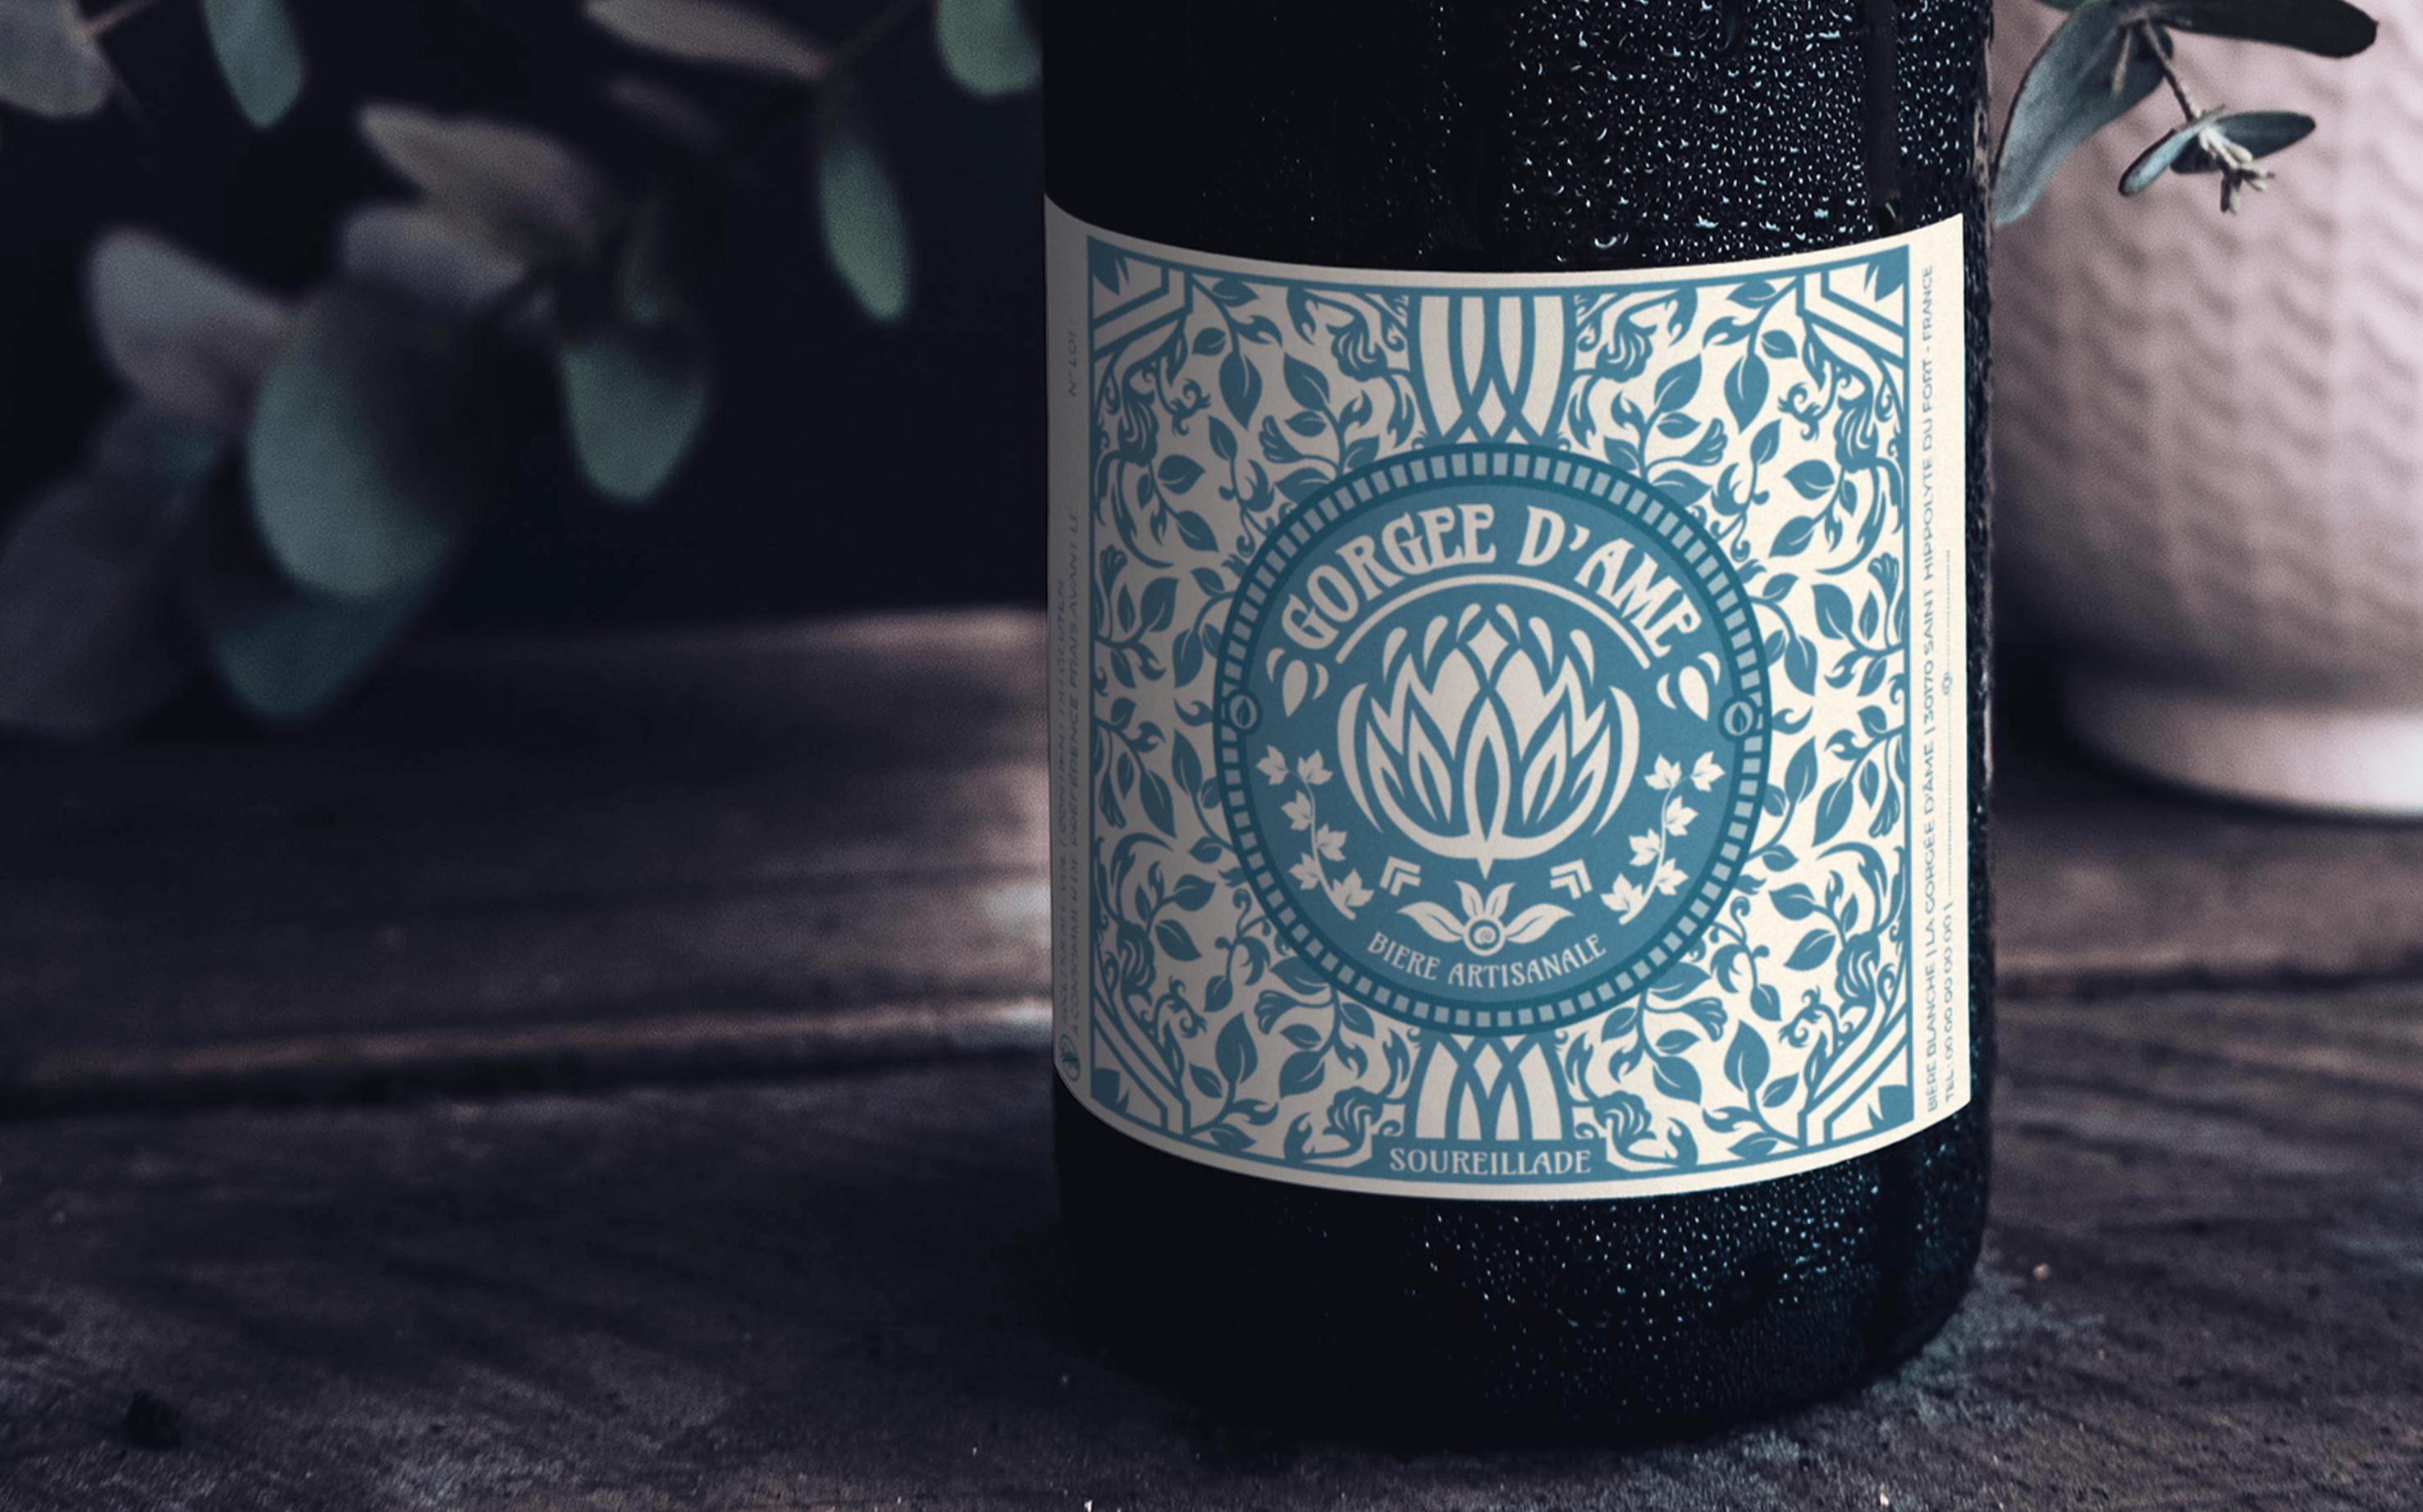 la gogéd 'ame biere artisanale dans les Cévennes